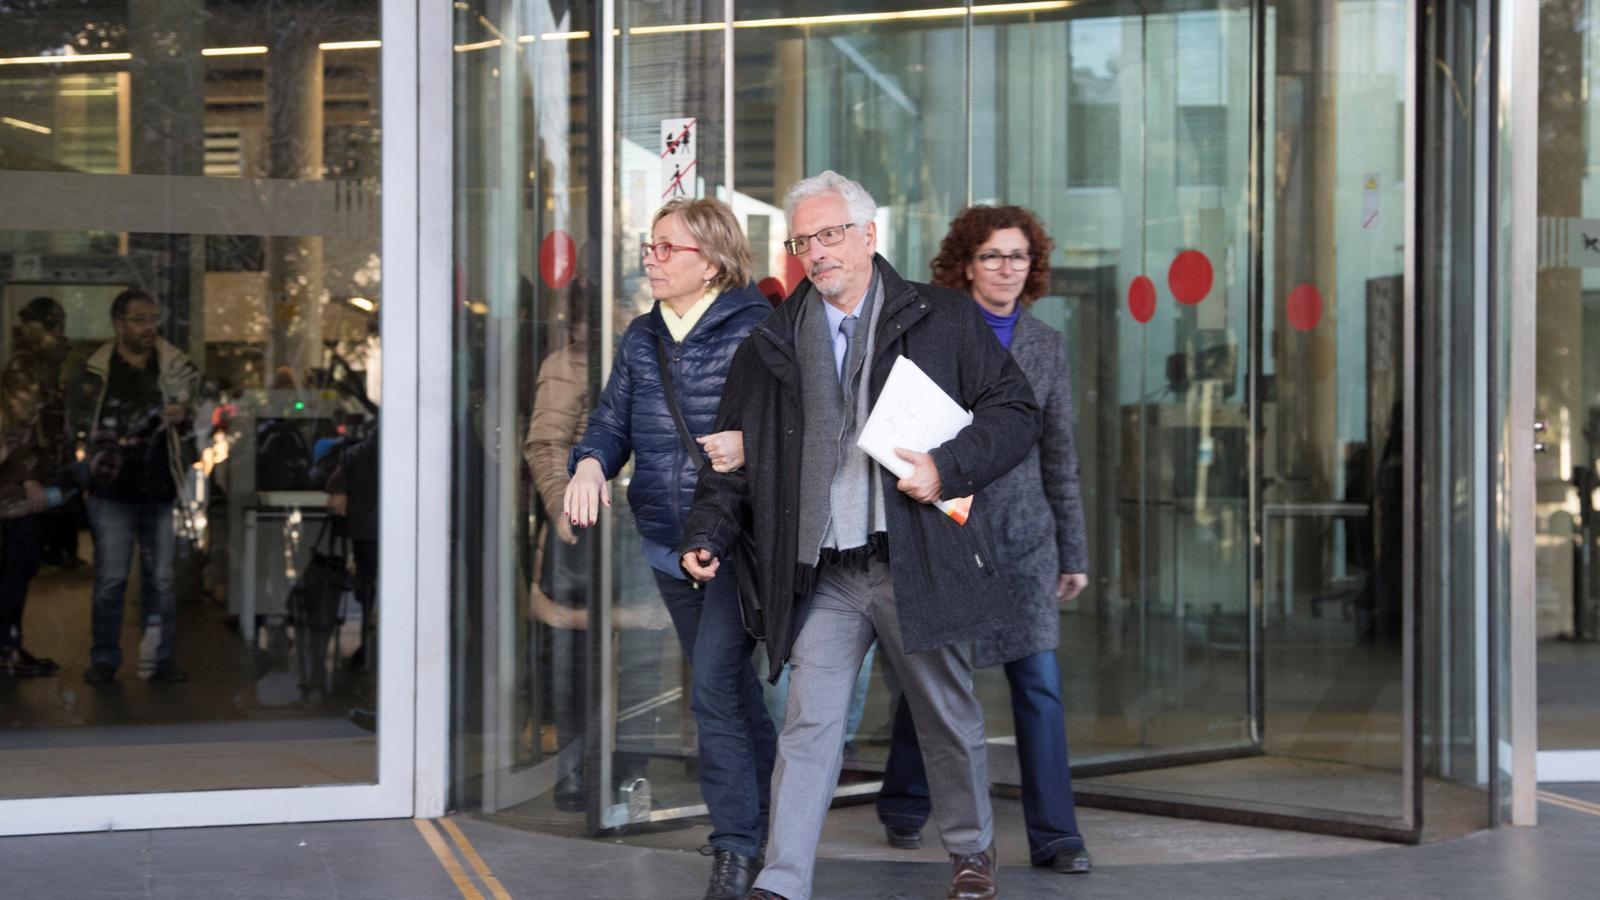 L'exmagistrat i exsenador d'ERC Santiago Vidal, a la seva sortida de la Ciutat de la Justícia, després de declarar davant del jutjat d'instrucció 13